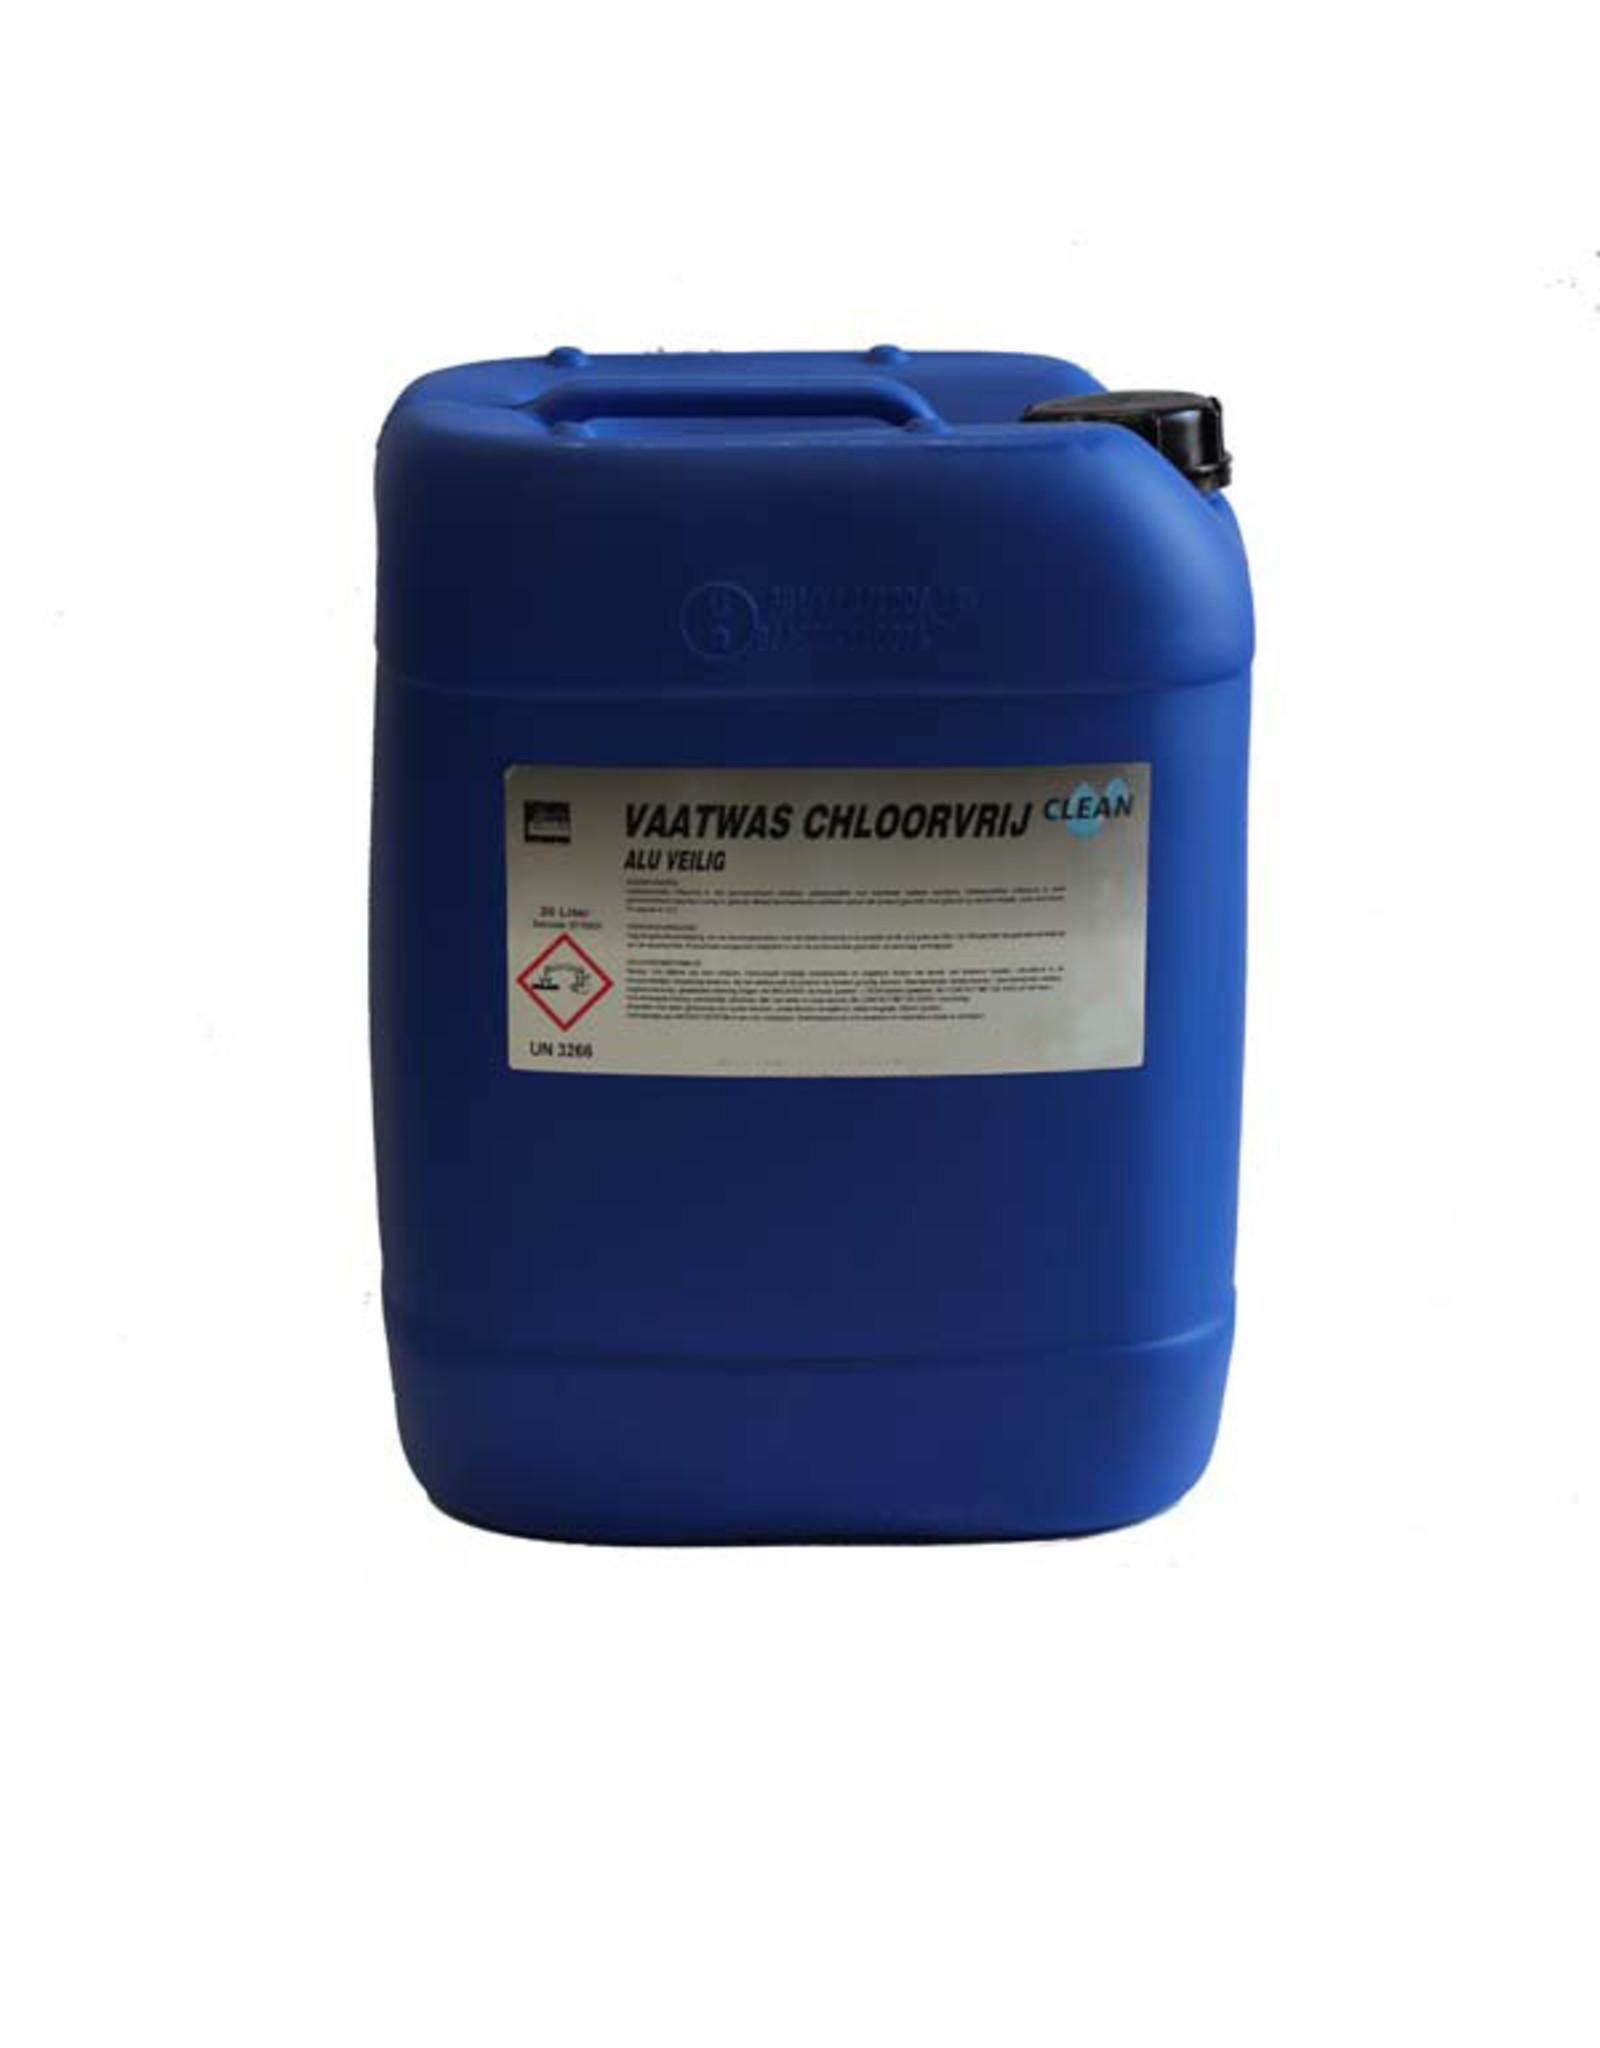 CLEAN Clean Vloeibaar Vaatwasmiddel 20 ltr. chloorvrij / aluminiumveilig